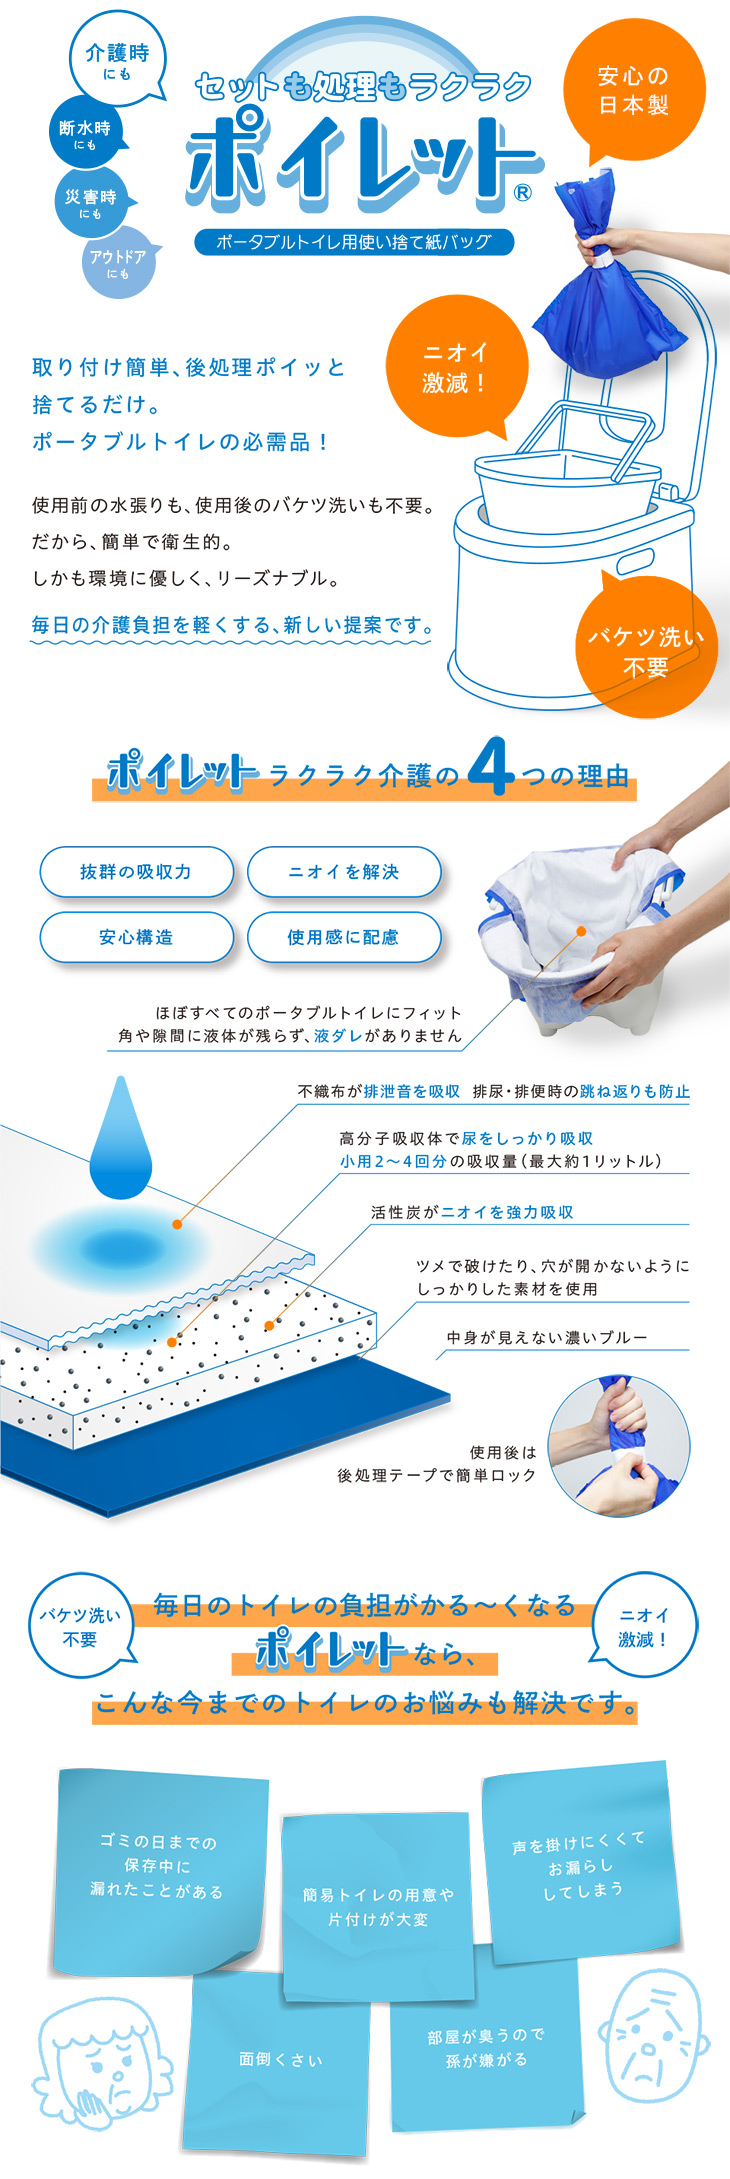 ータブルトイレ用使い捨て紙バッグ|ポイレット®